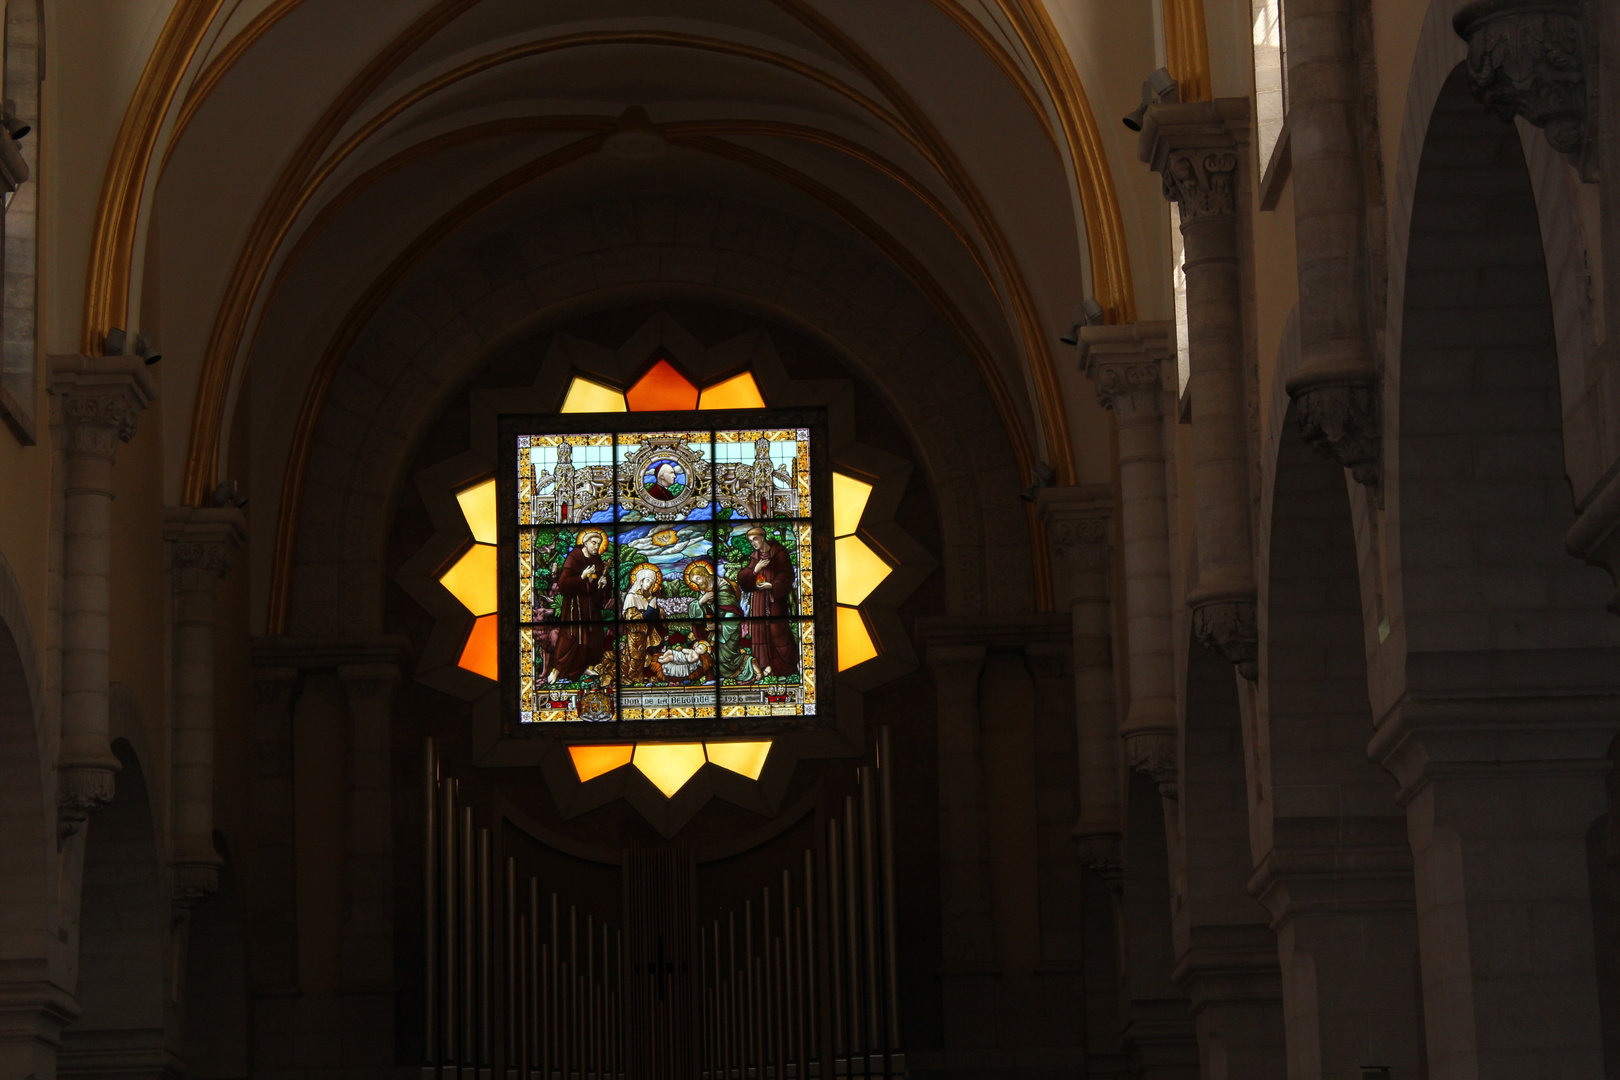 Kirchenbild in der Geburtskirche